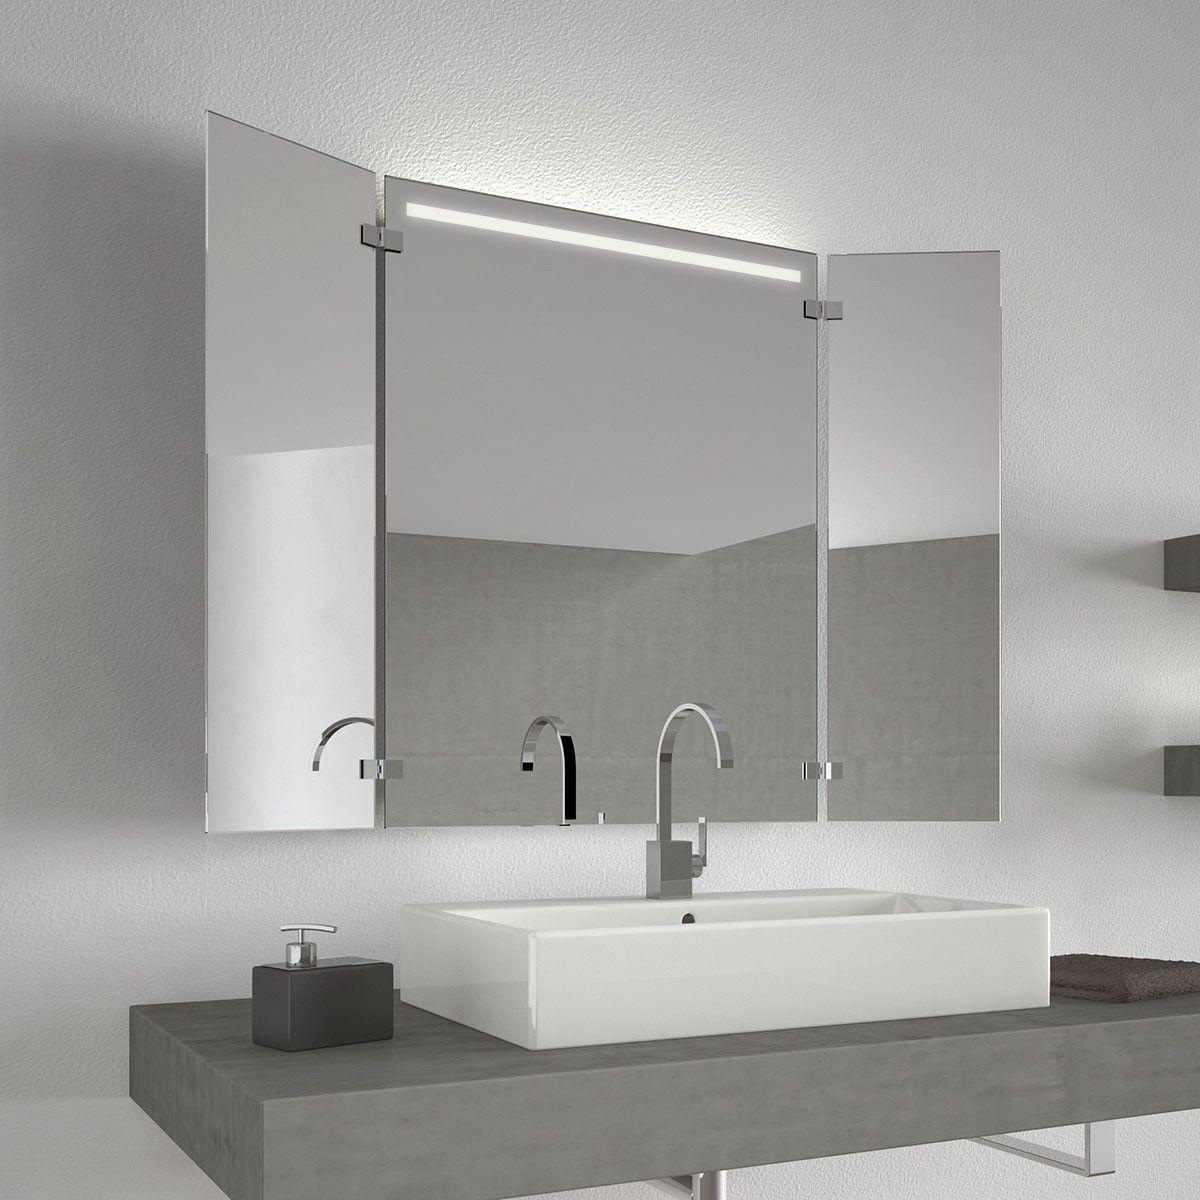 Beleuchteter Klappspiegel Haifa 300871536 Klappspiegel Badezimmerspiegel Spiegel